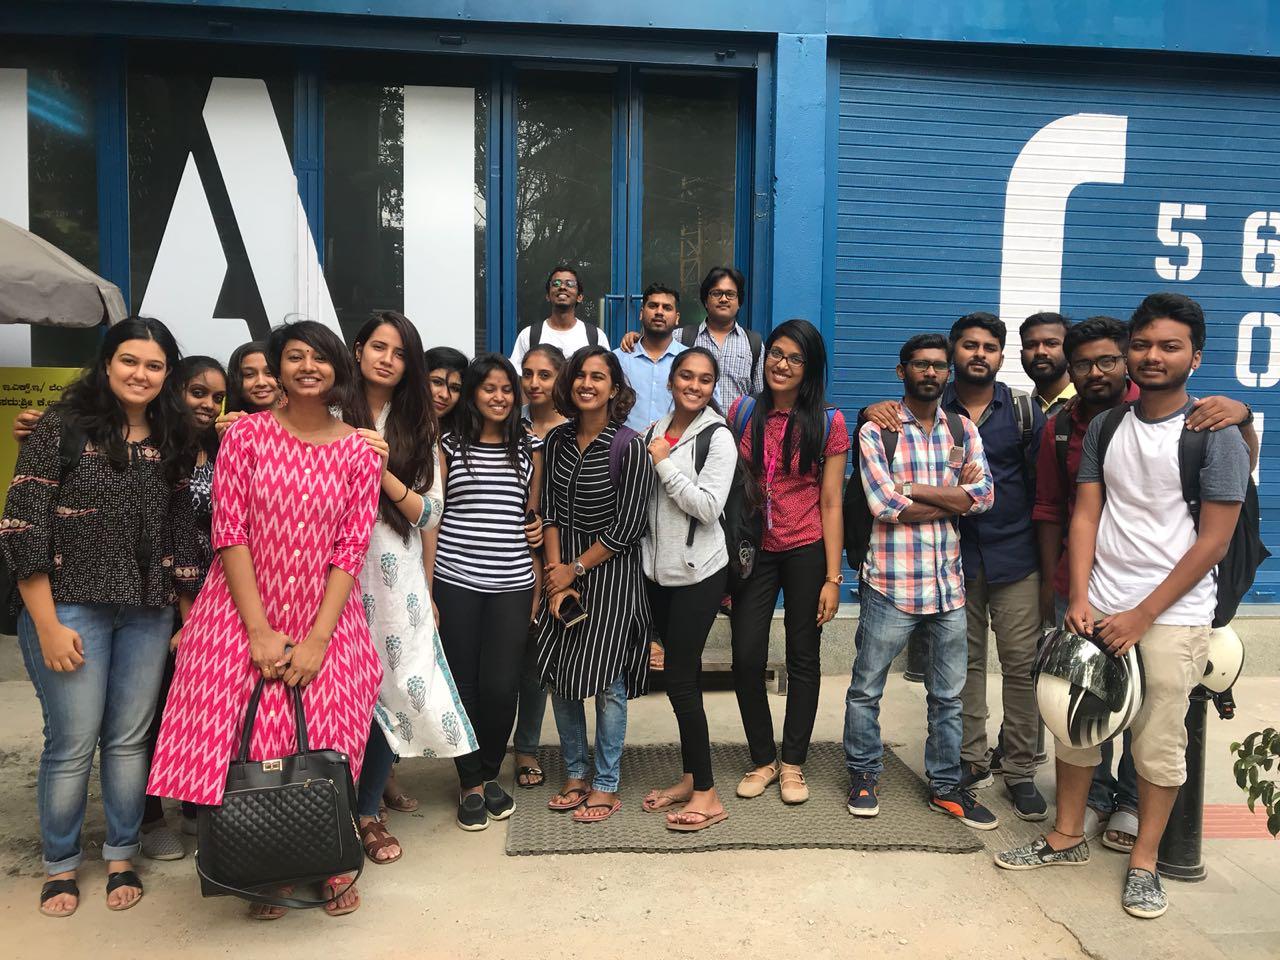 interior students - IMG 20180704 WA00271 - Interior Students at Social & Easy Tiger | Site Visit